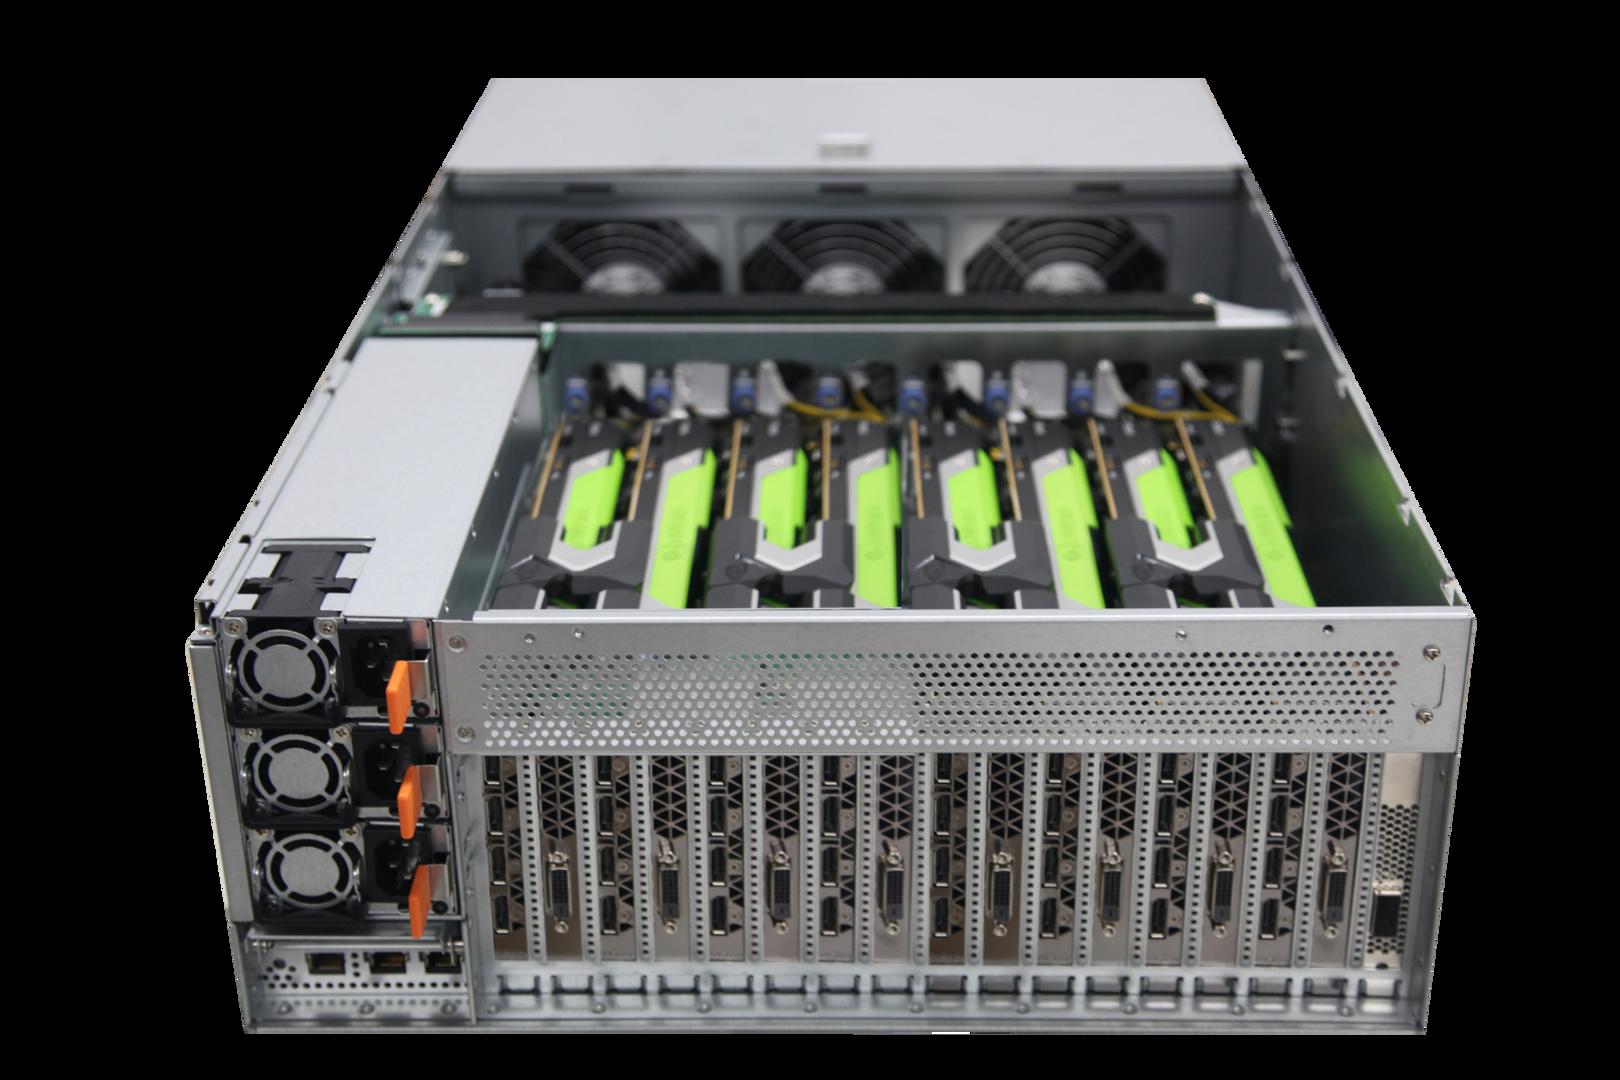 Altezza SX426-24 GPU Front